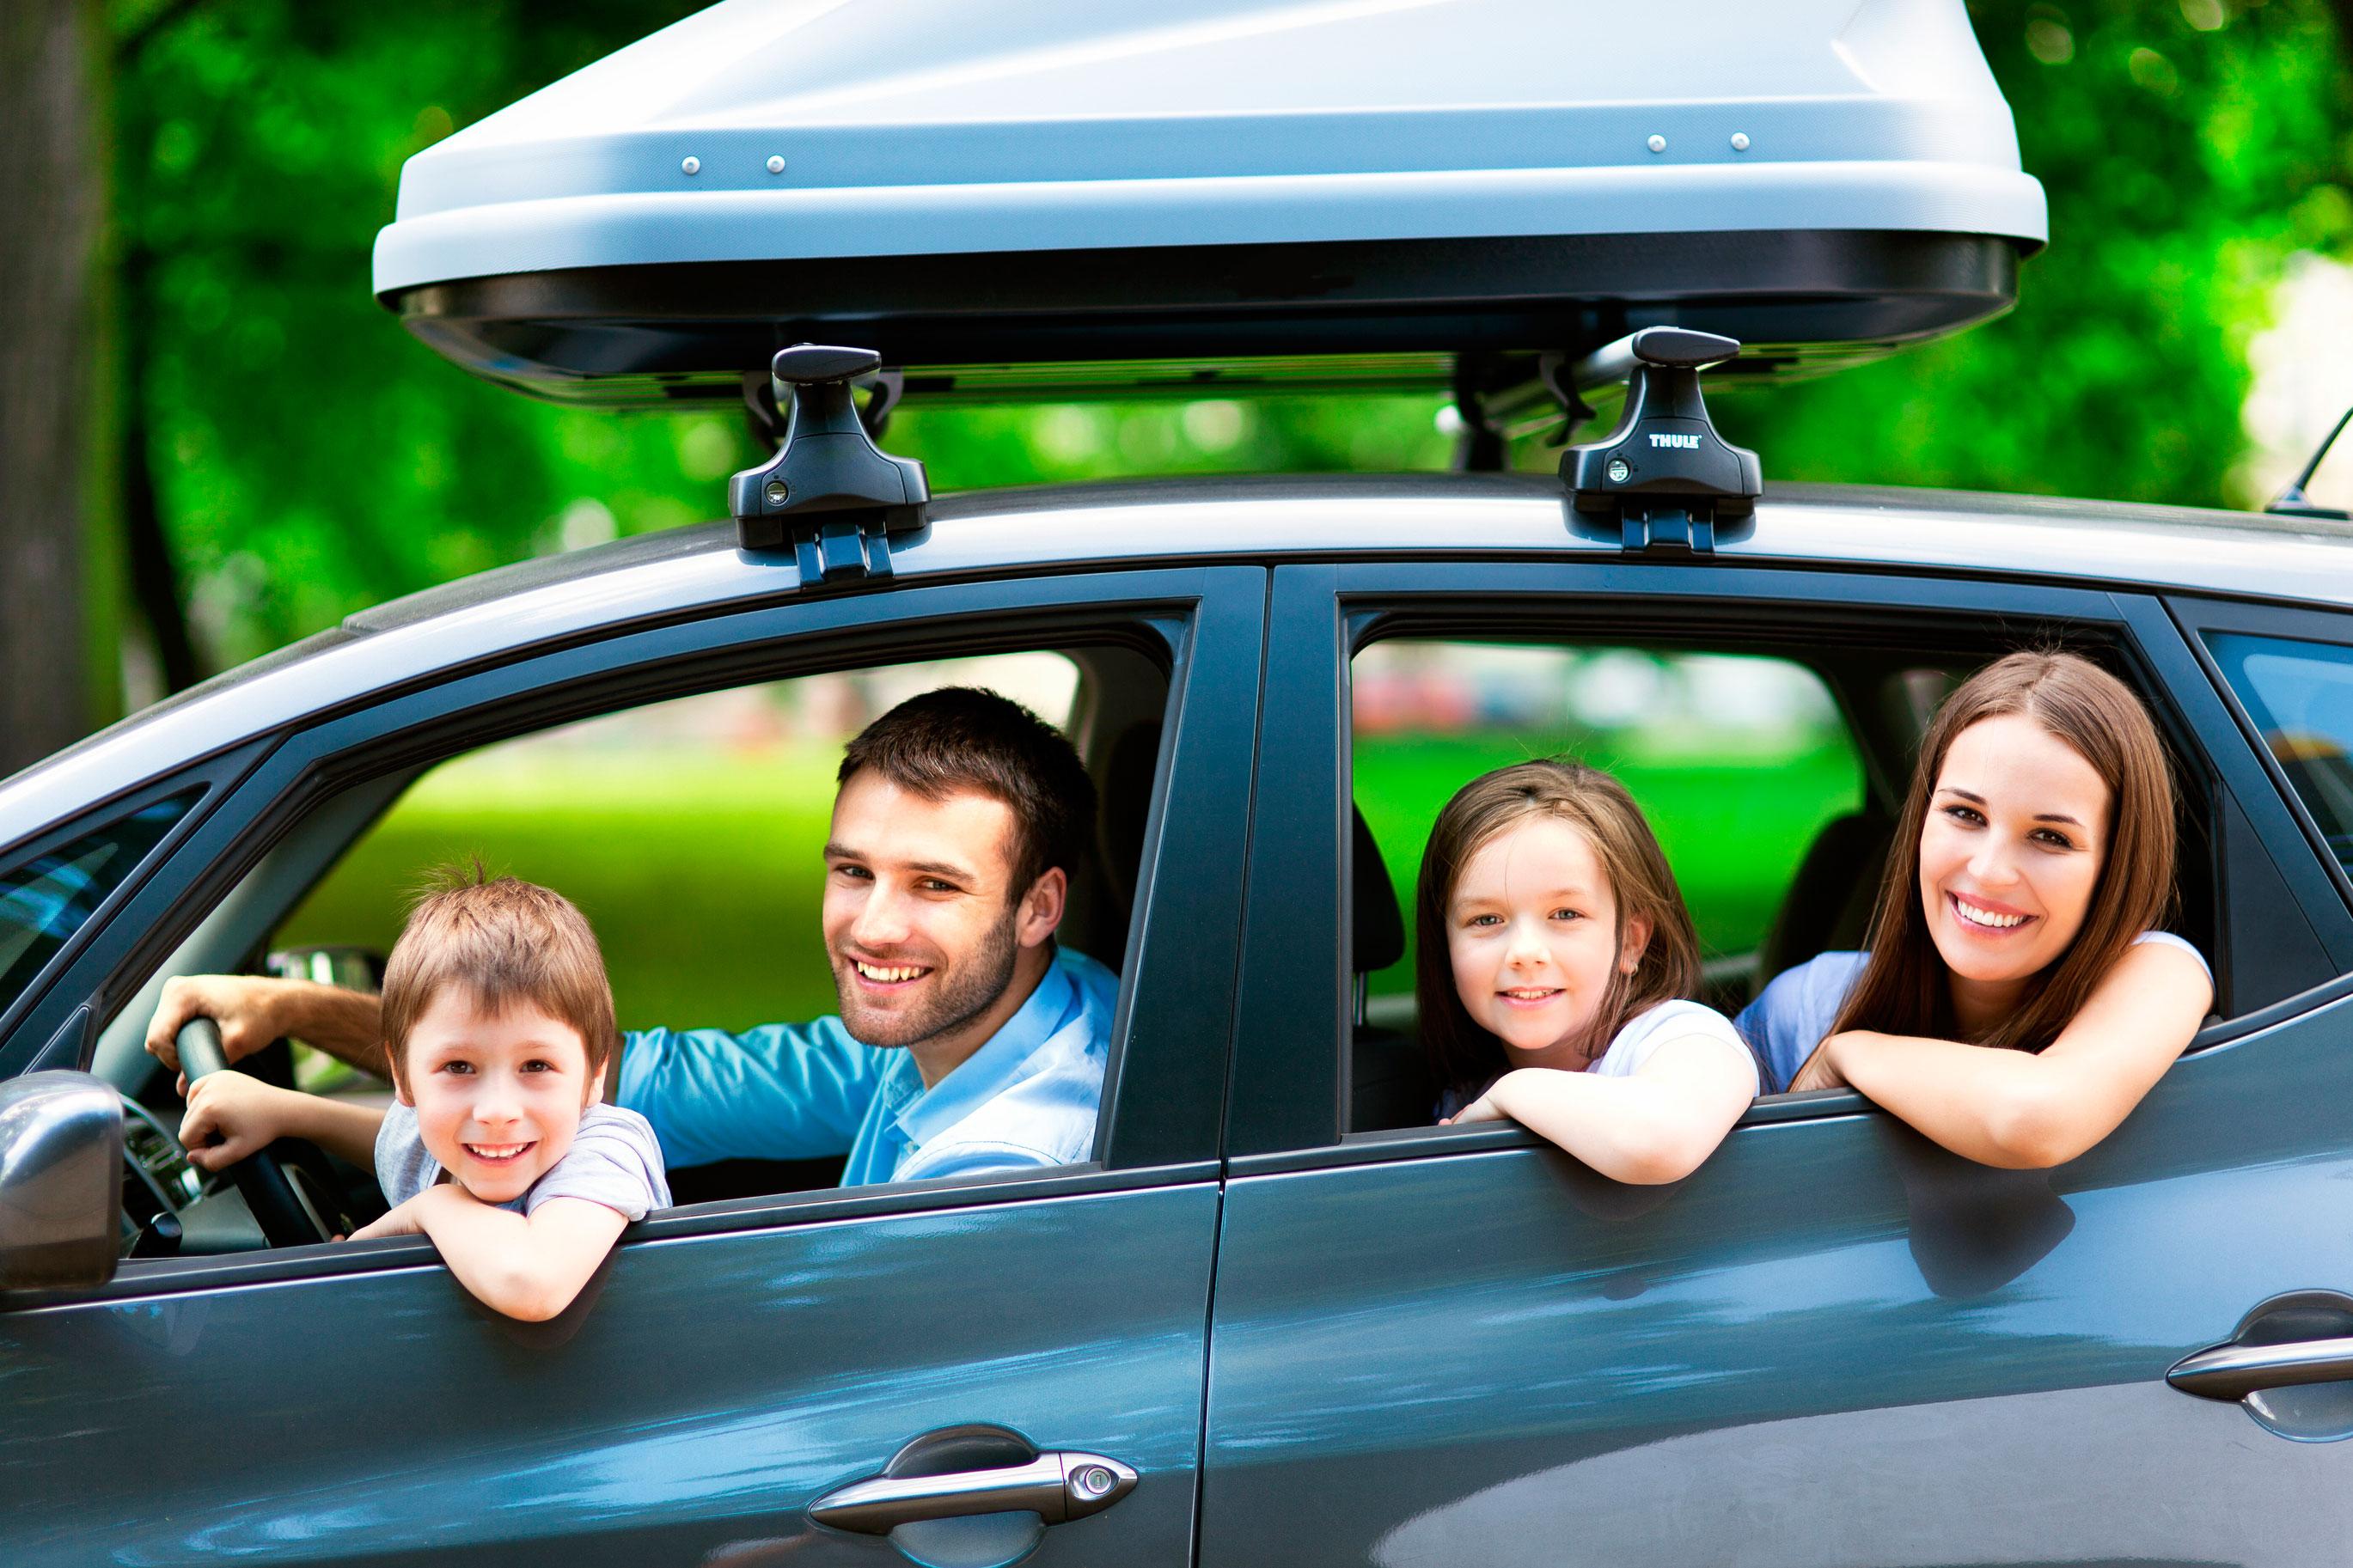 O Seguro Auto Da Link Seguro, Pode Te Proteger Contra Batidas E Diversos Tipos De Acidentes.